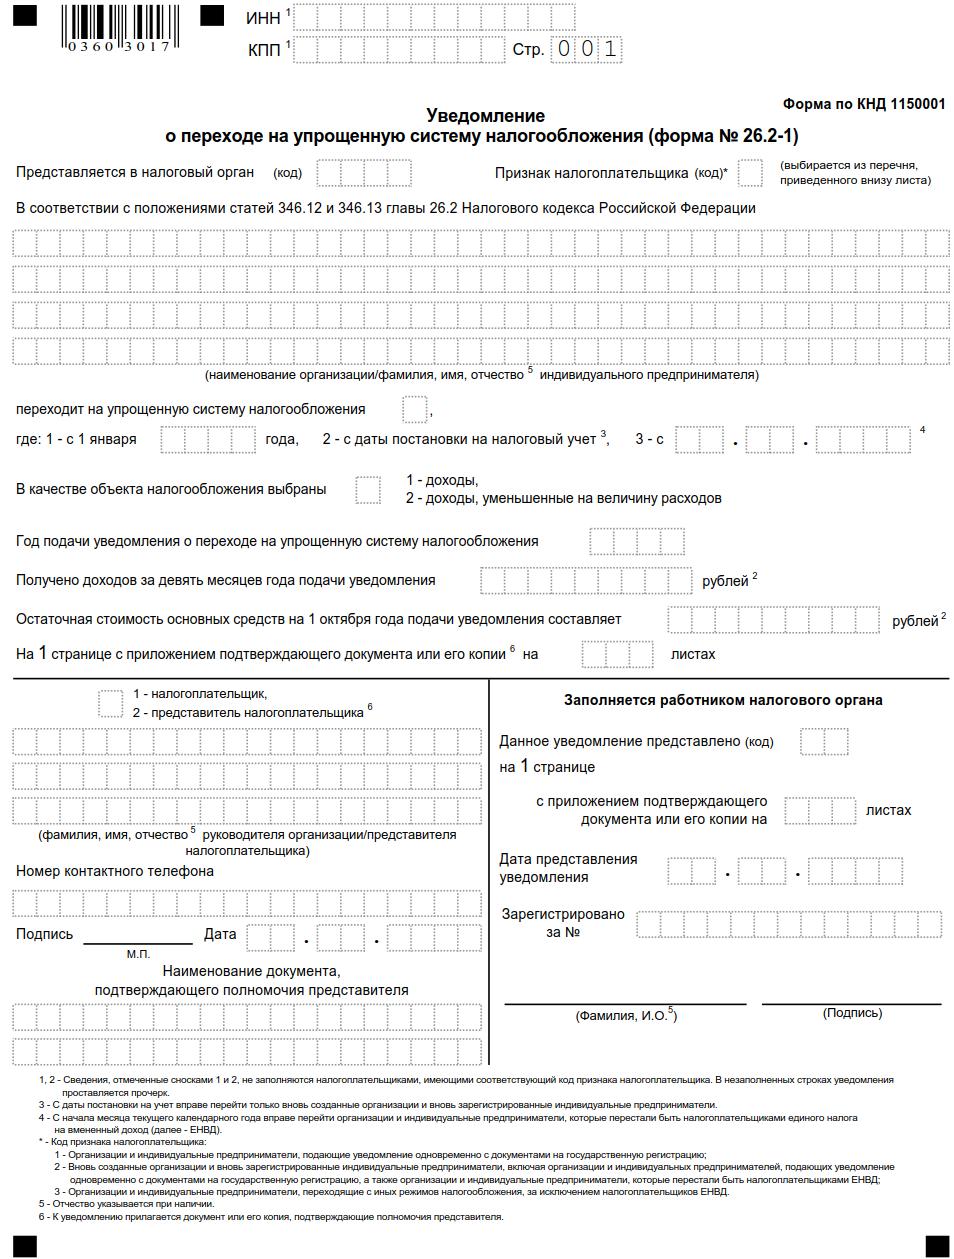 Документы для усн в налоговую бухгалтер для ип рязань